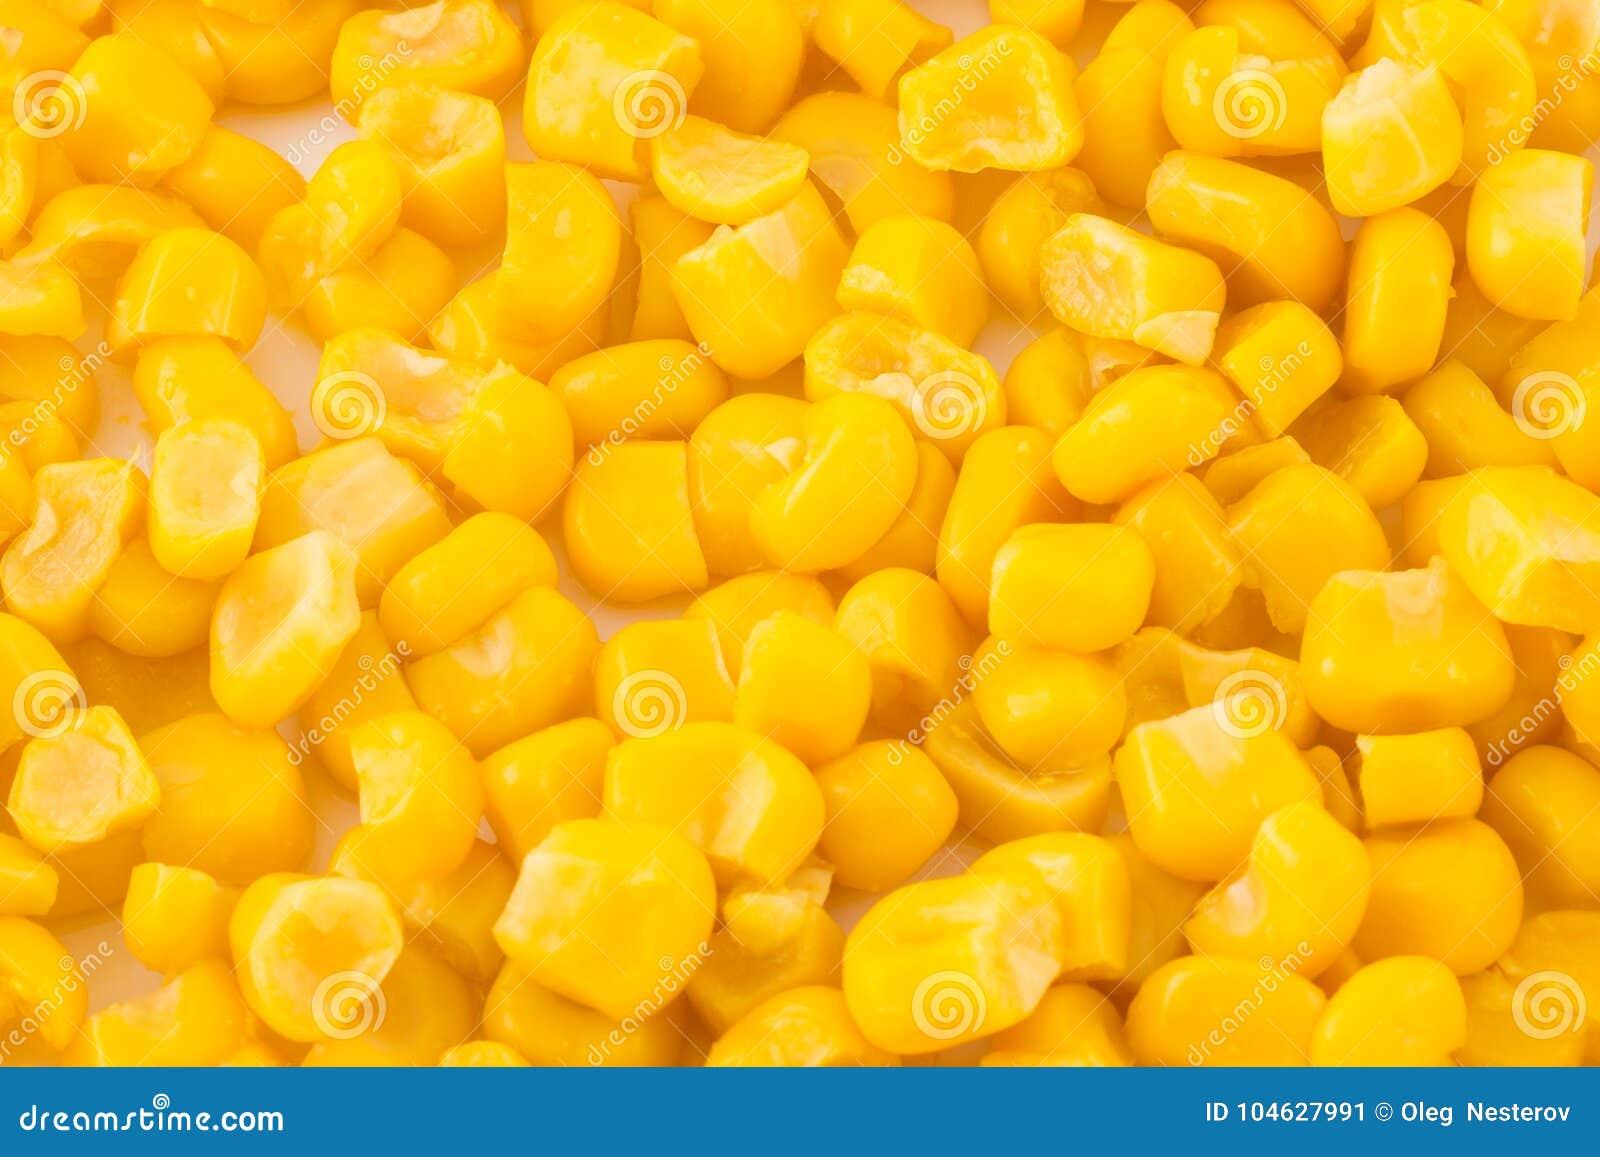 Download Heldere Achtergrond Van Vele Korrels Van Ingeblikt Graan Stock Afbeelding - Afbeelding bestaande uit populair, graan: 104627991